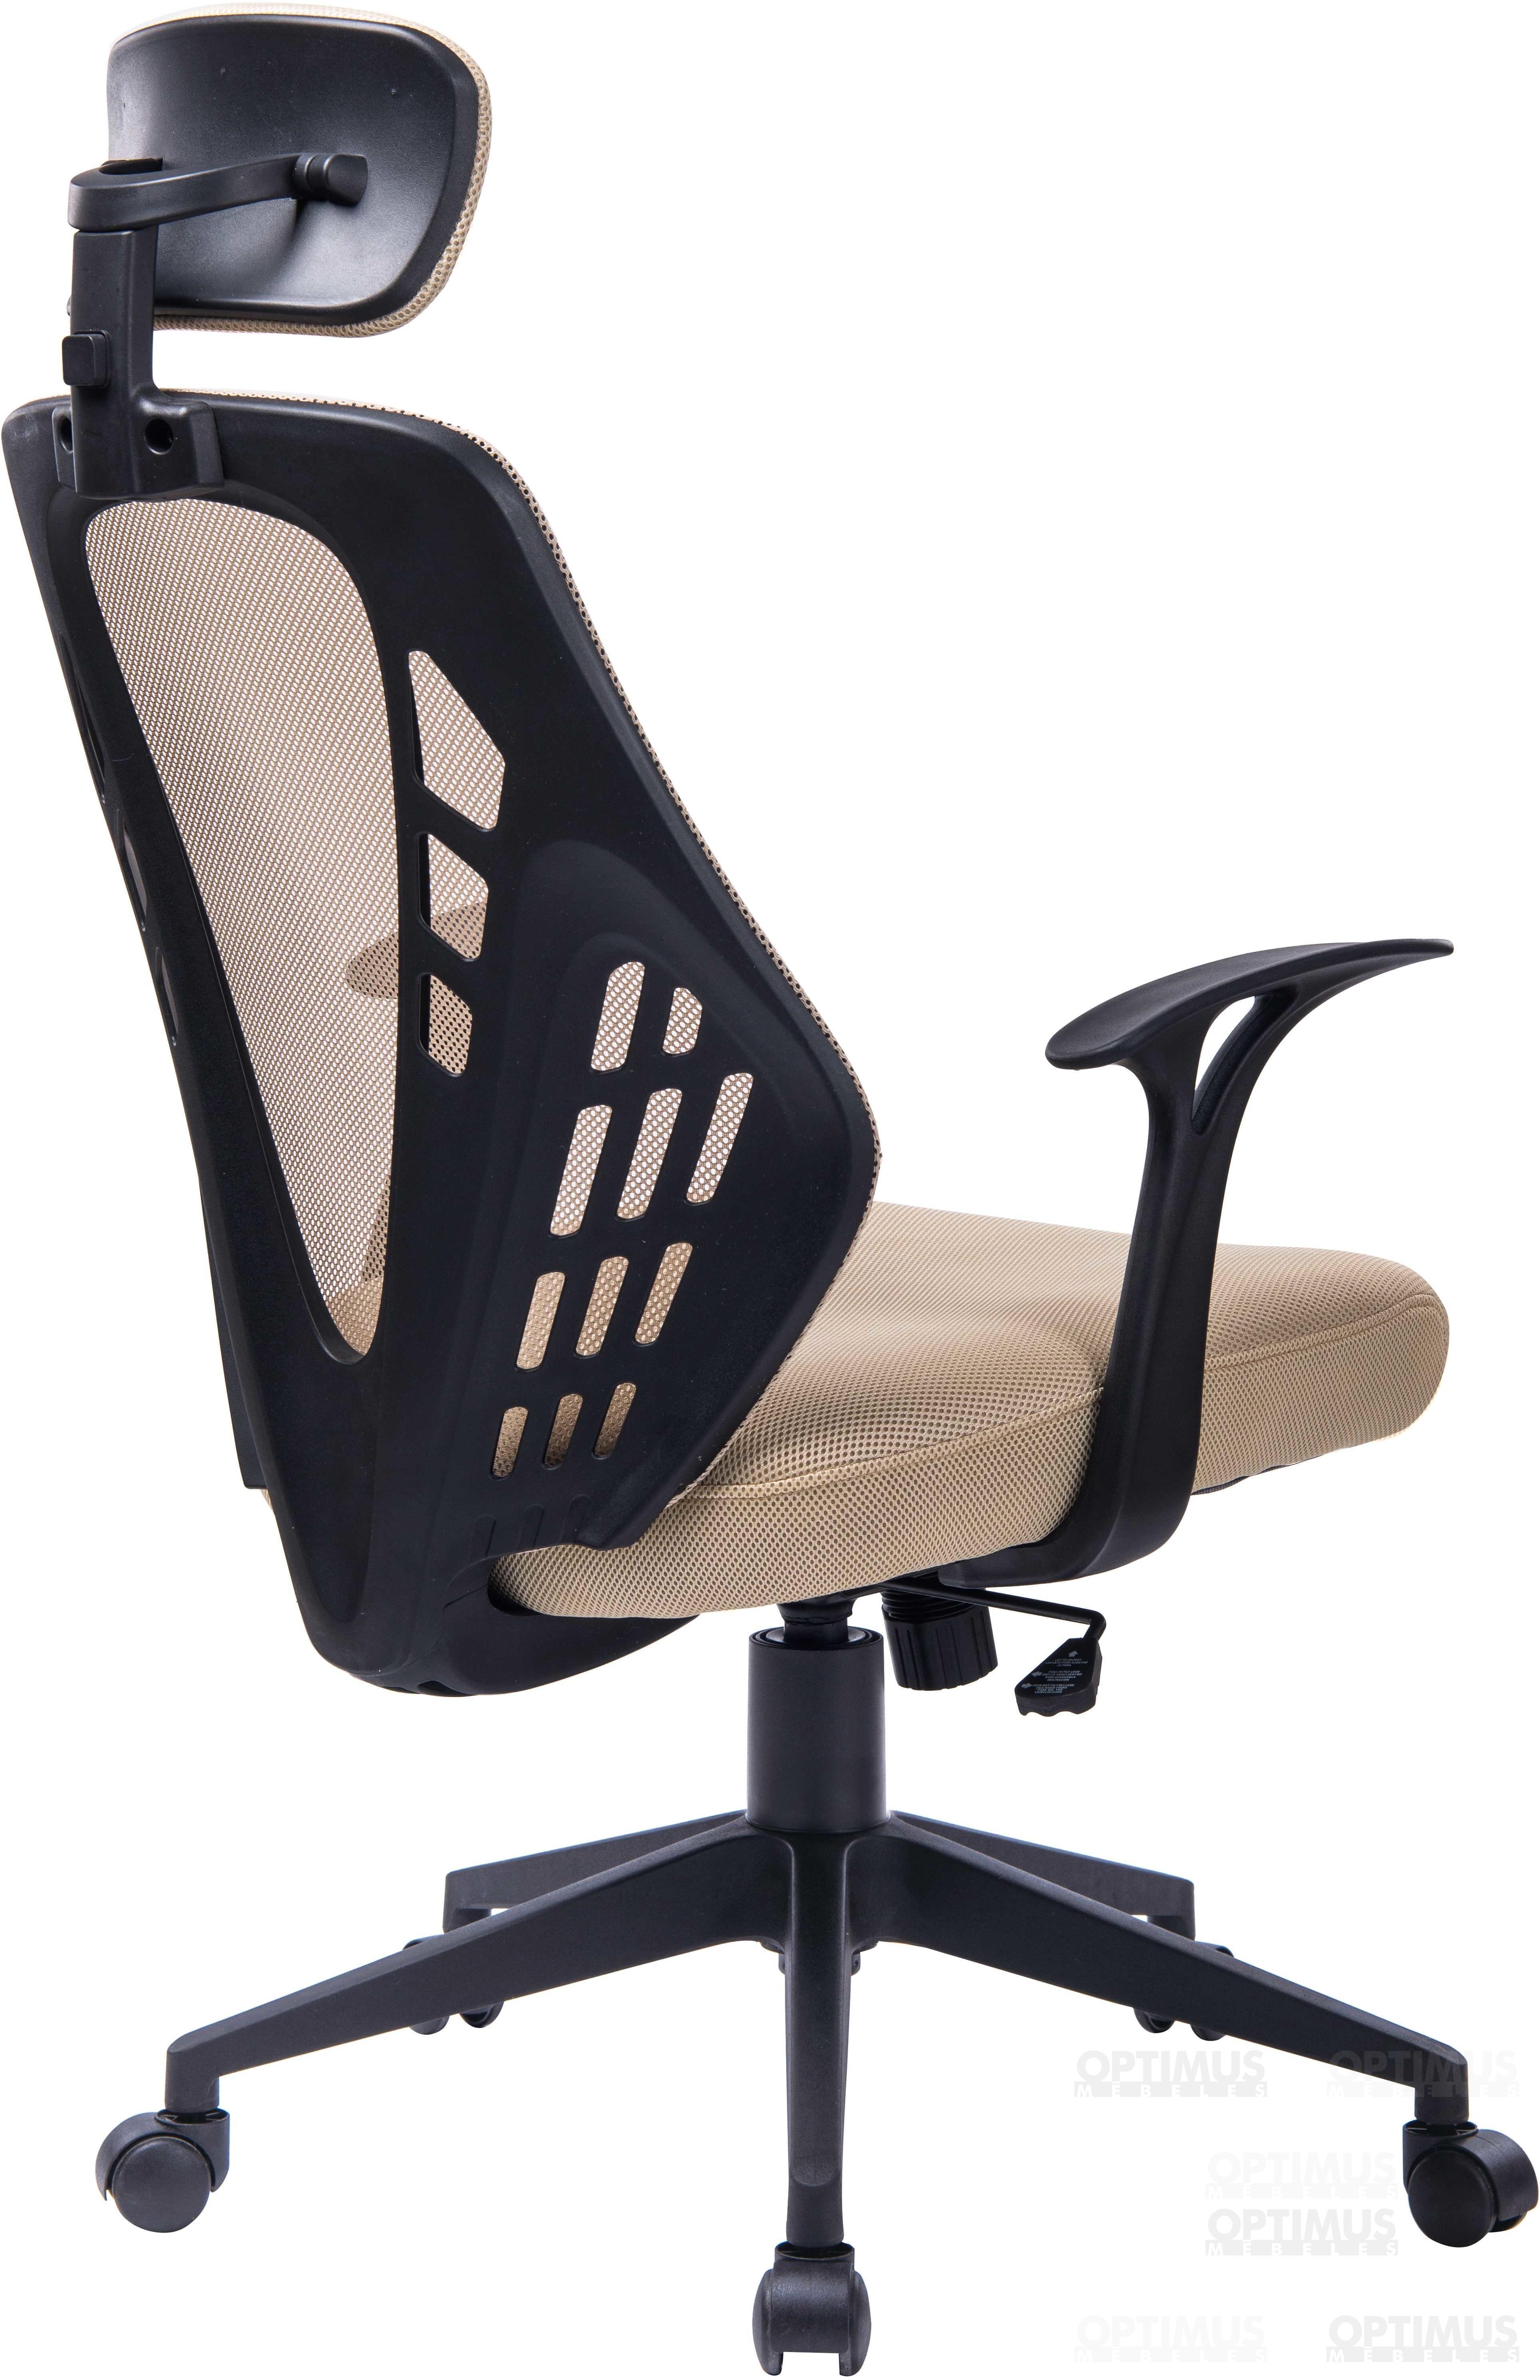 Brussel NF-8951 Biroja krēsls / piederumi